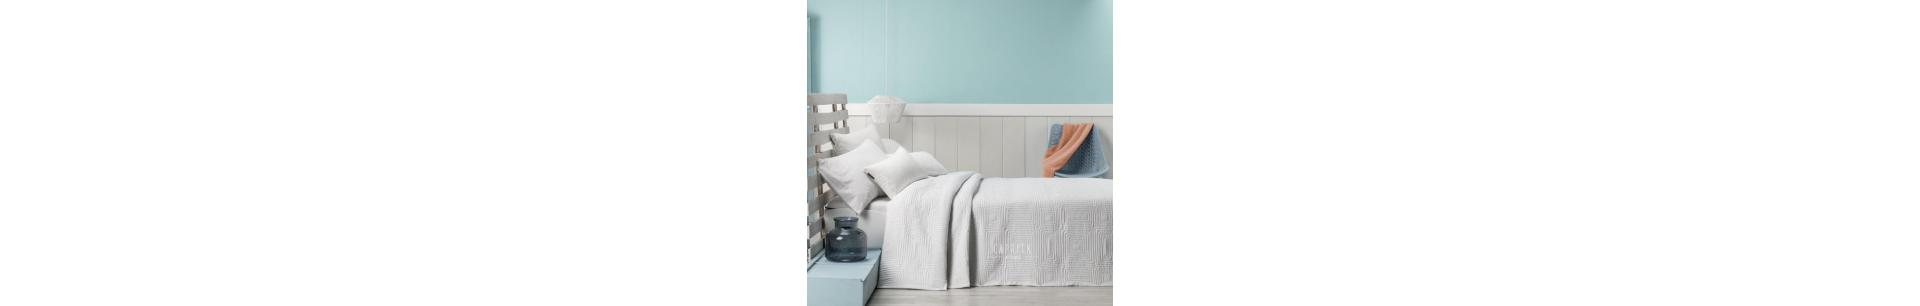 Textil del dormitorio » Compra online |Tiendas Pavo